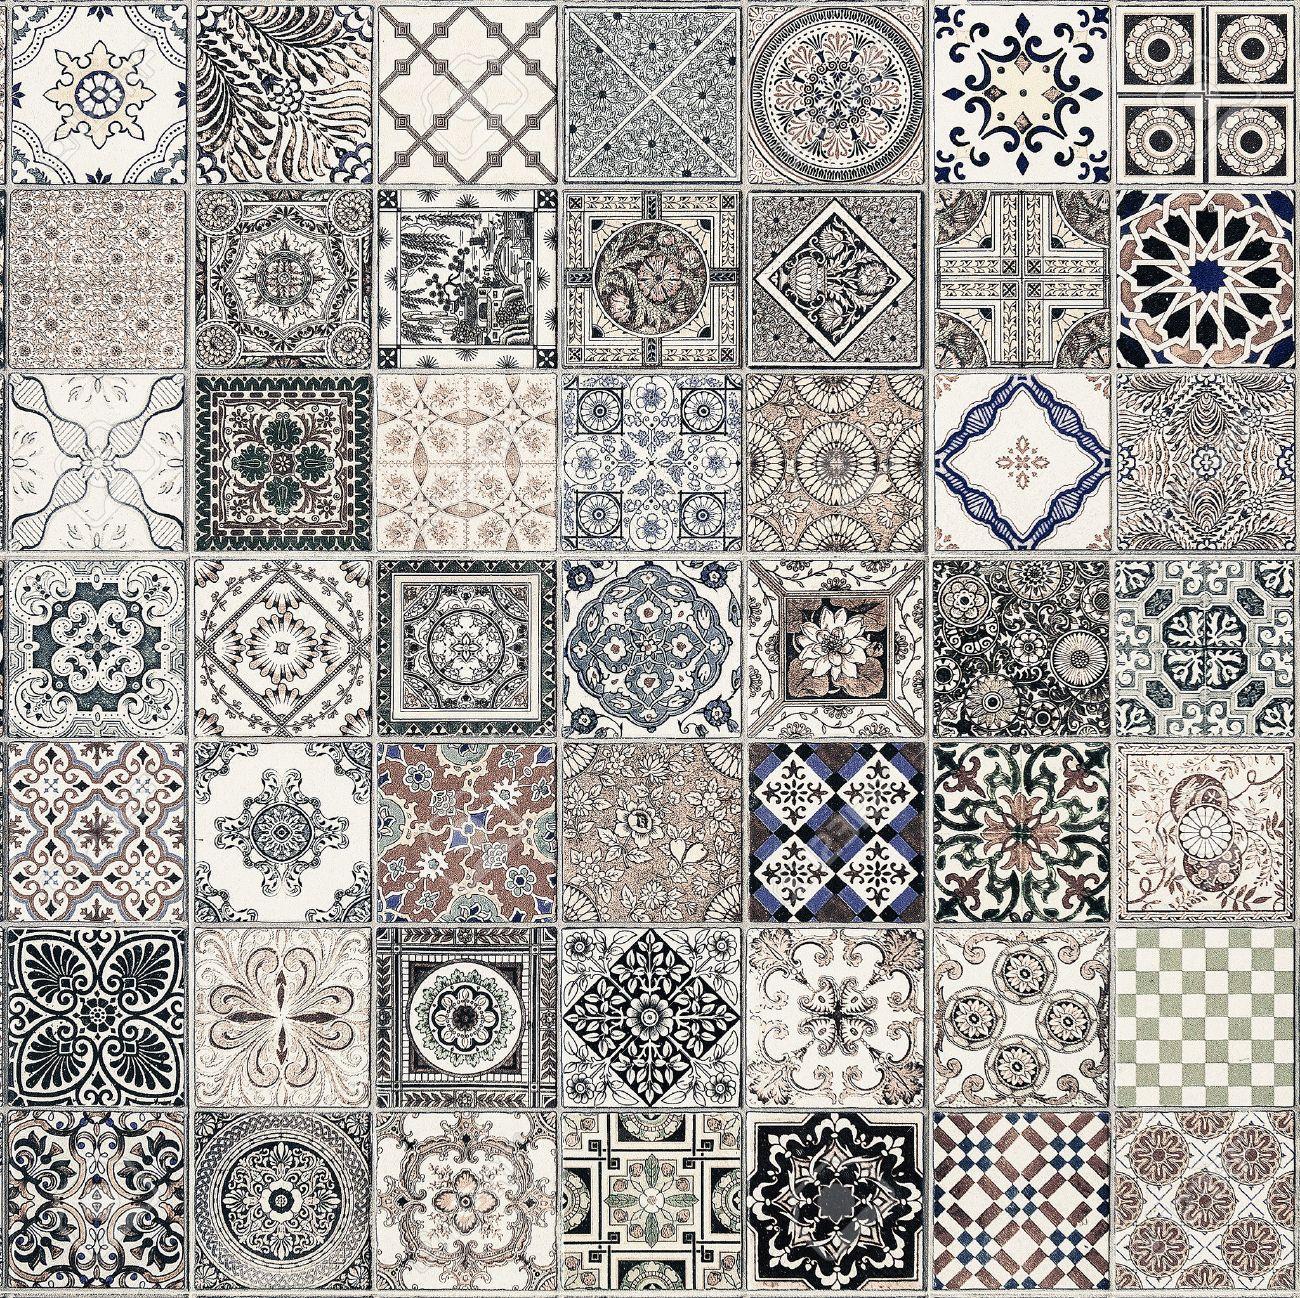 Fliesen Muster Aus Portugal. Lizenzfreie Fotos, Bilder Und Stock, Modern  Dekoo